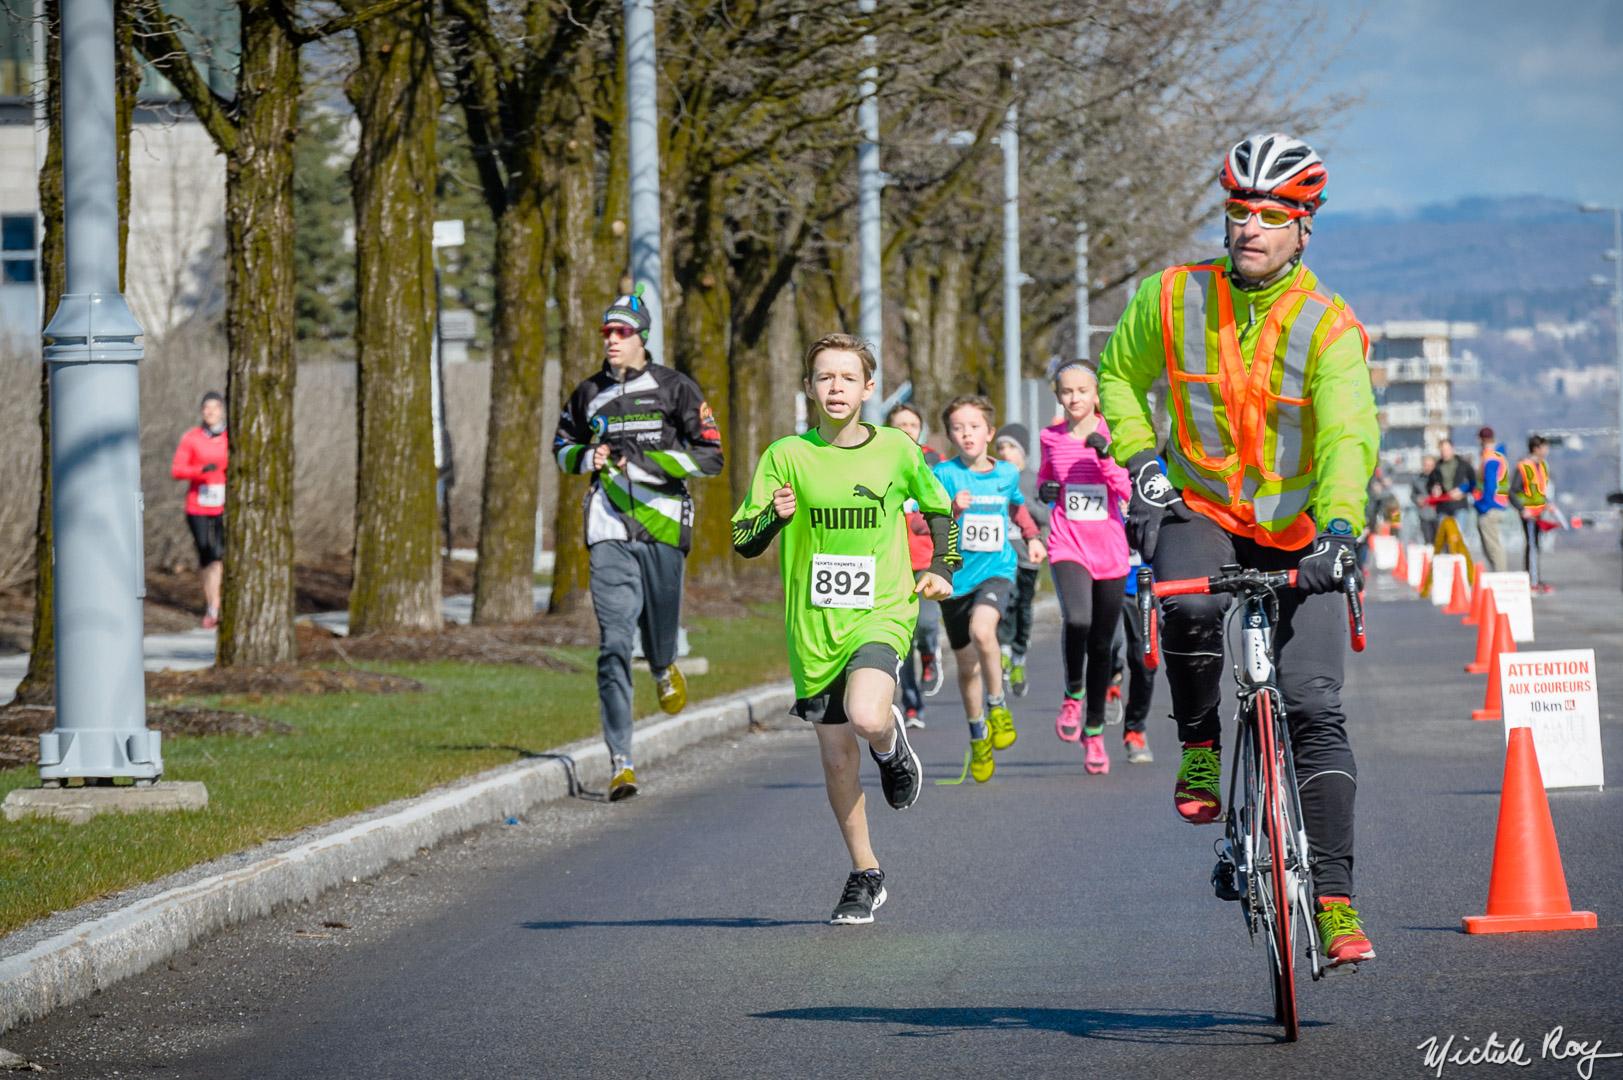 """Comment gagner 1 km en 3' 34'' / The winner in 3'34"""""""